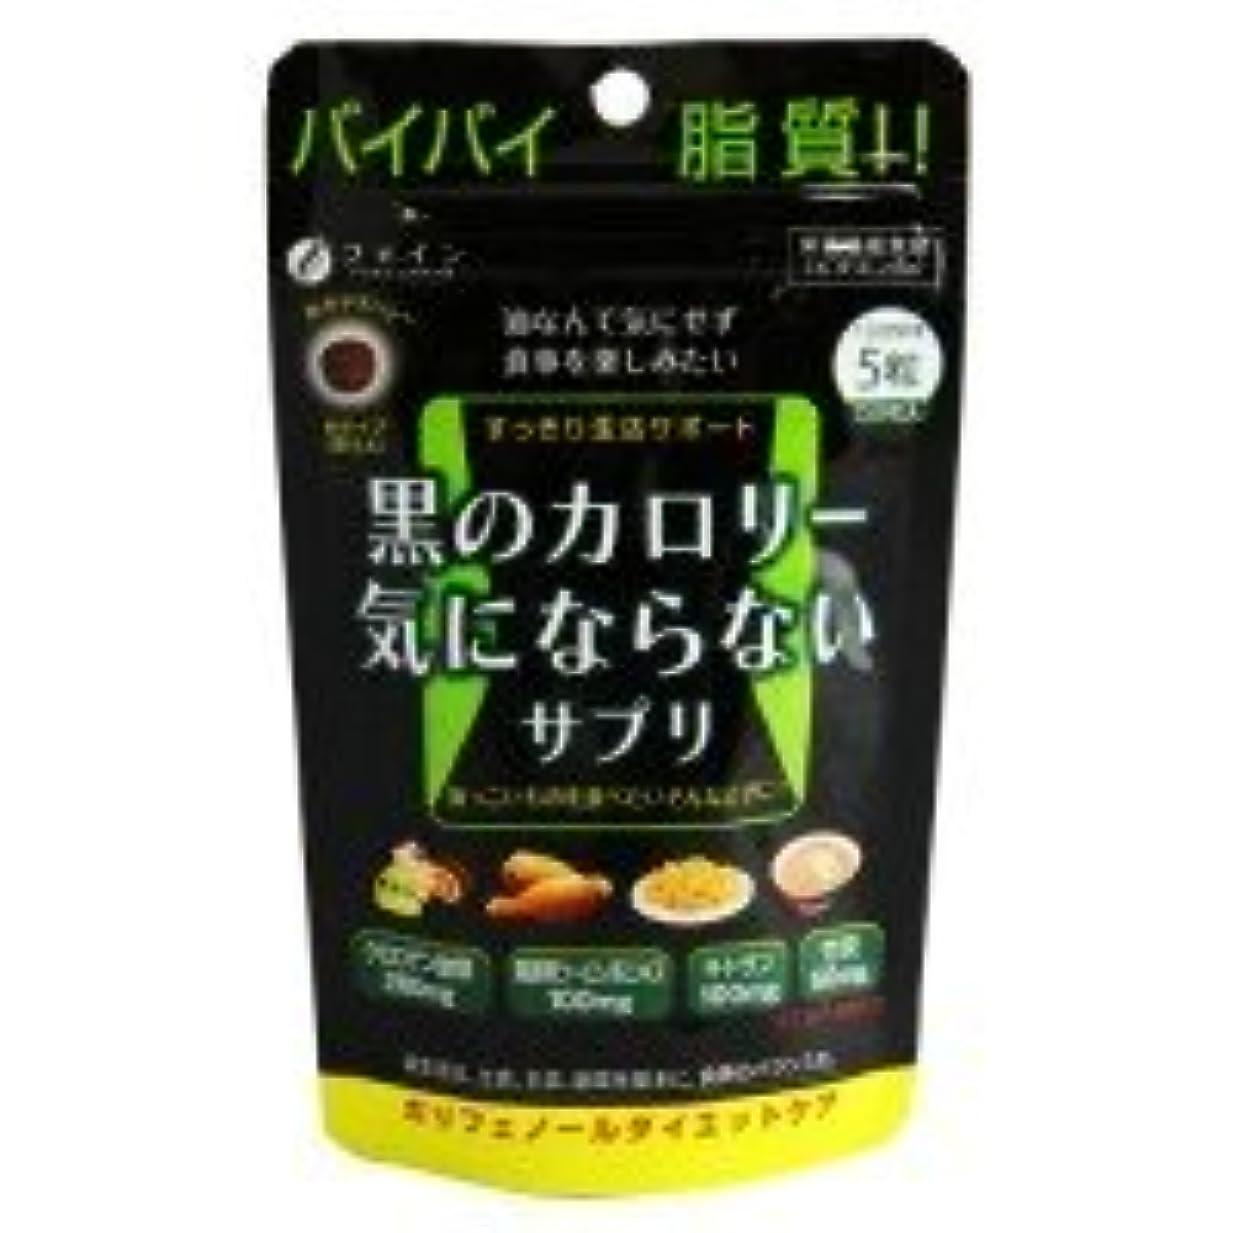 理解吸収剤ギャラントリーファイン 黒のカロリー気にならない 栄養機能食品(ビタミンB6) 30g(200mg×150粒)